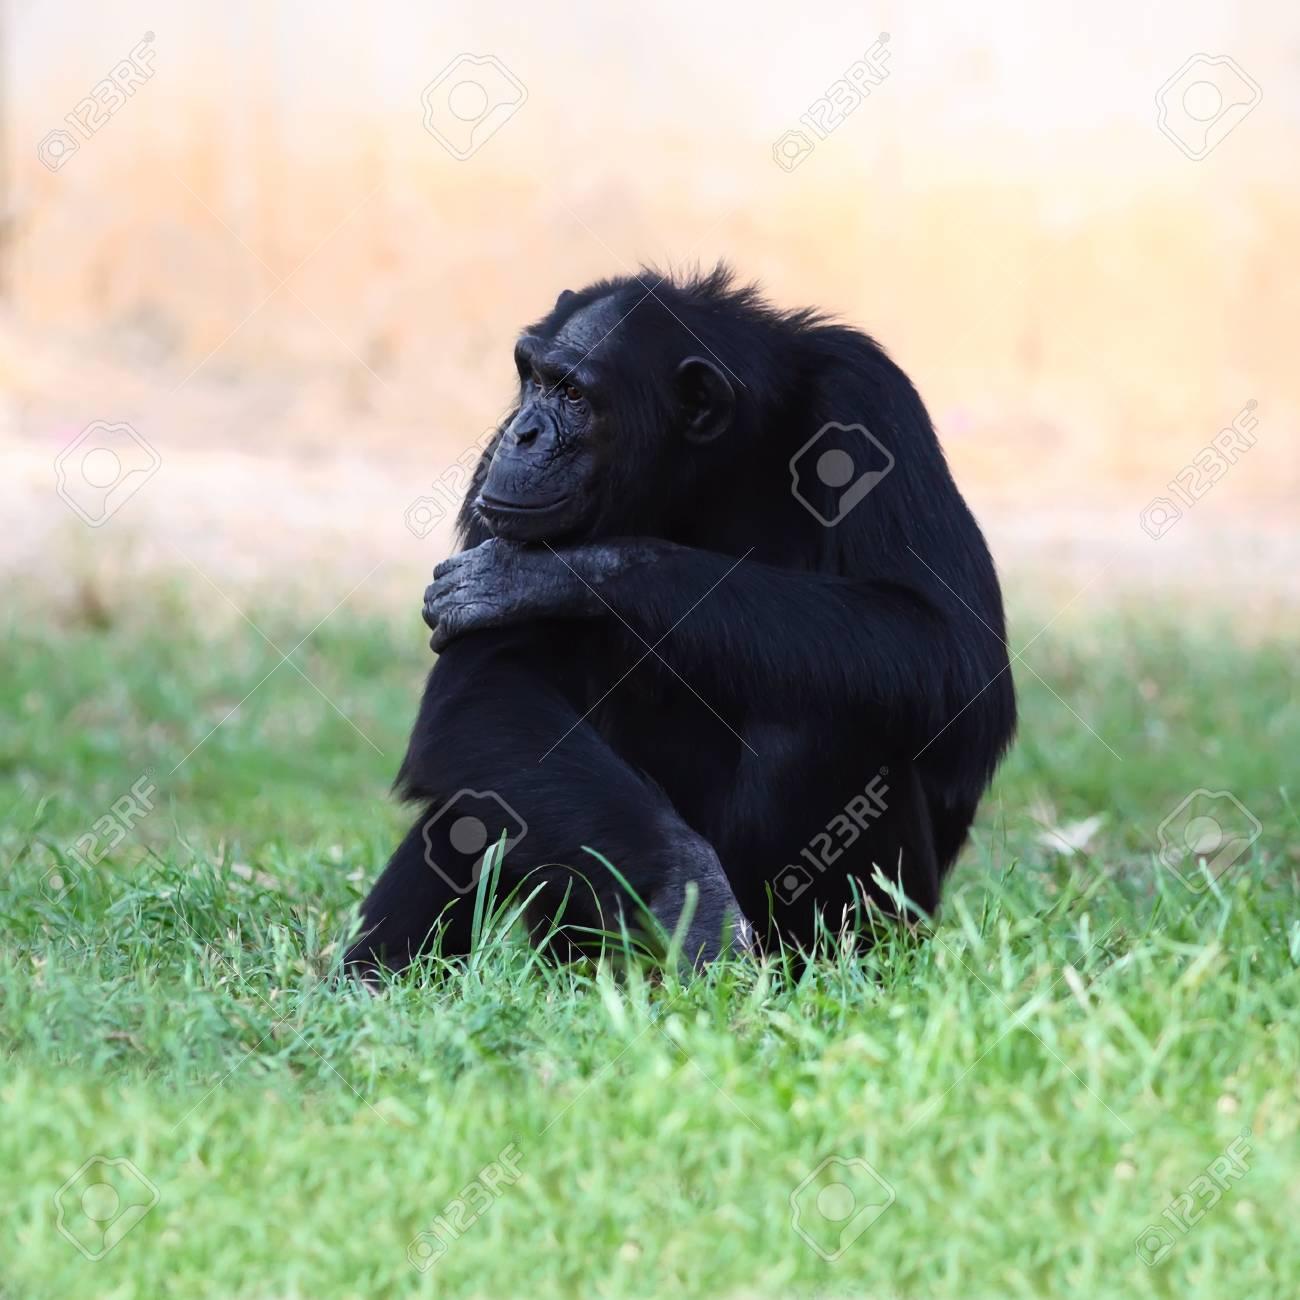 Chimpanzee sitting on a grass Stock Photo - 21694947